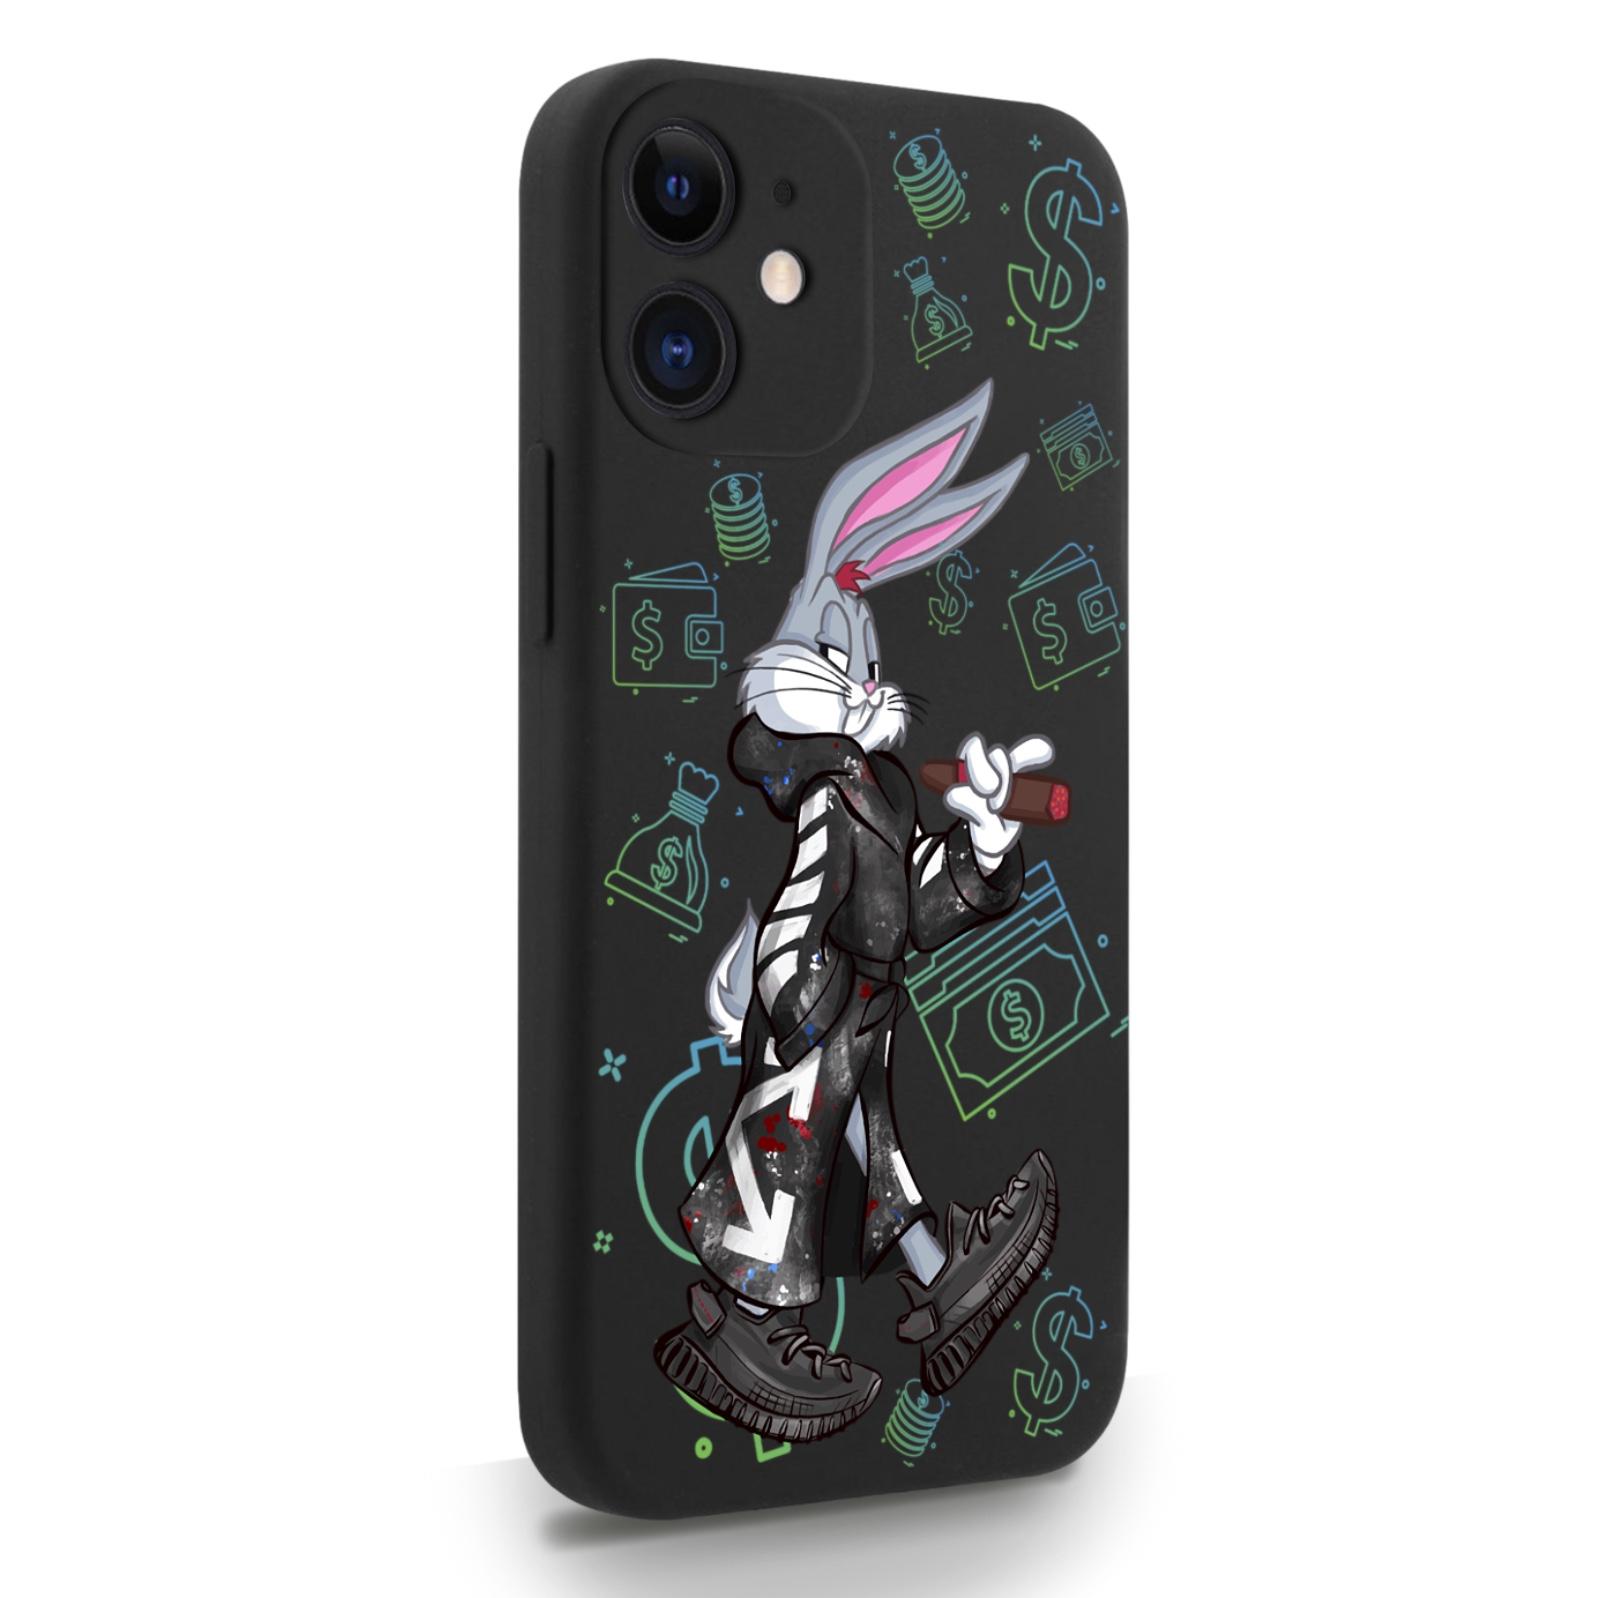 Черный силиконовый чехол для iPhone 12 Mini Mr. Rich Bunny Neon/ Мистер Богатый Заяц Неон для Айфон 12 Мини